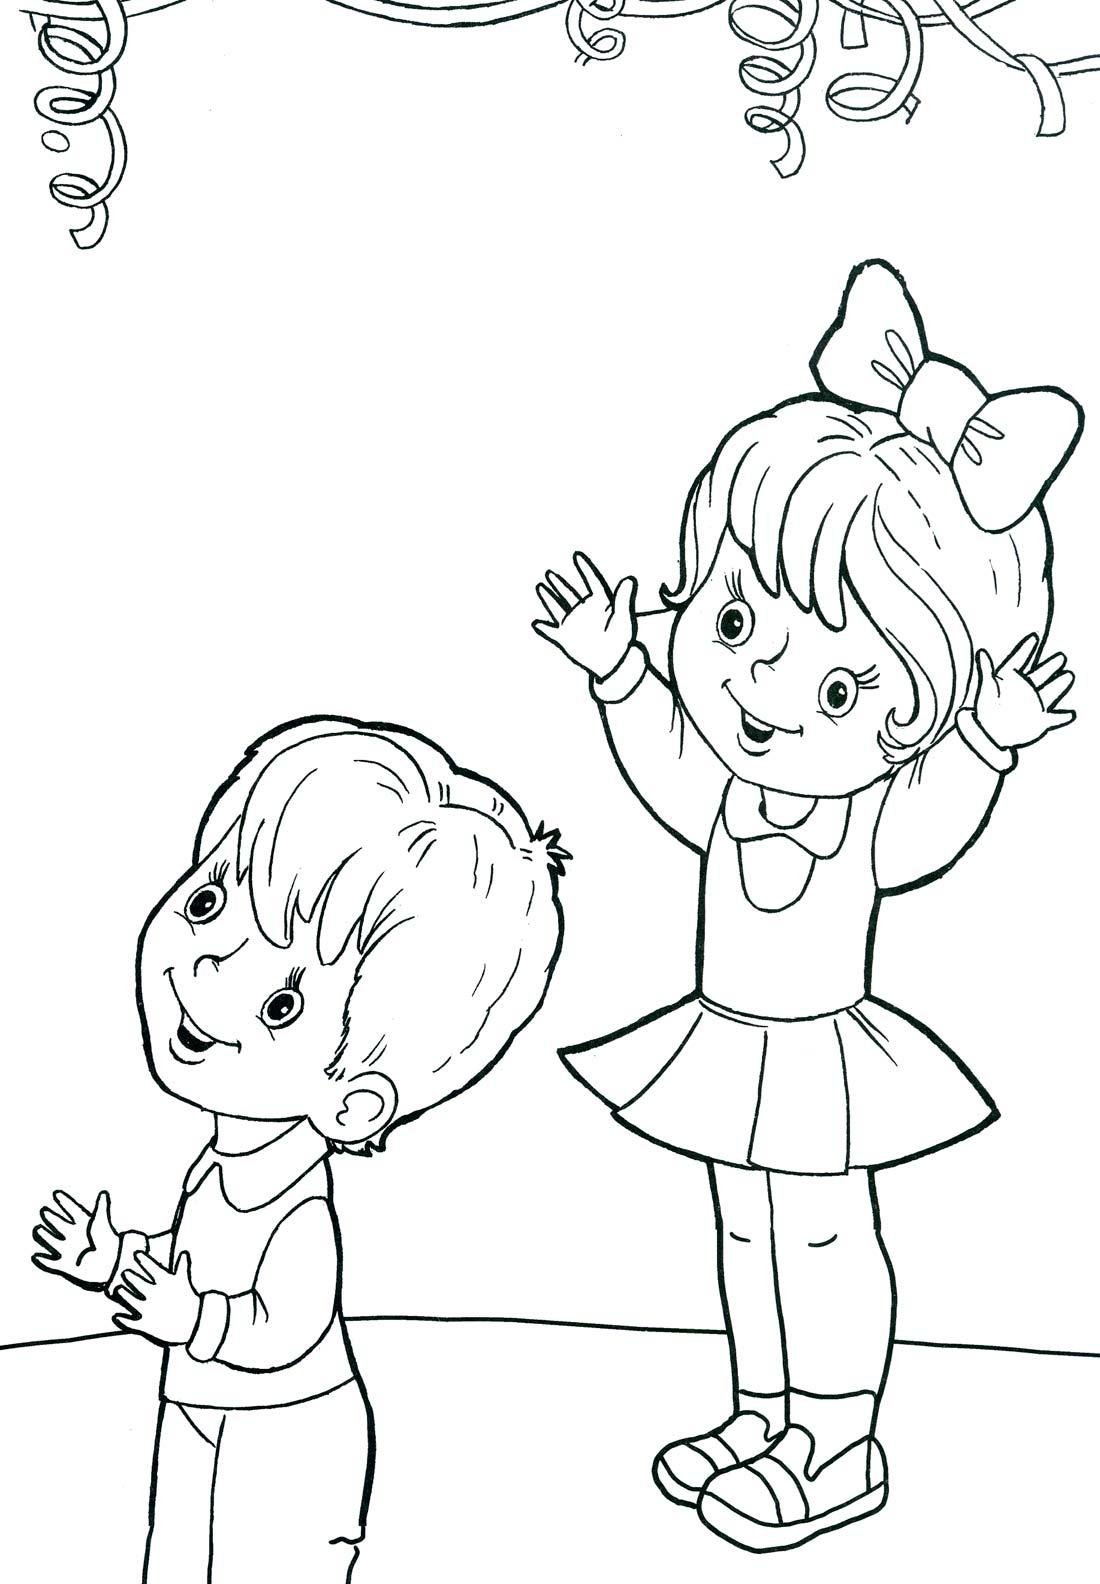 Раскраска мальчик с шариком - 8